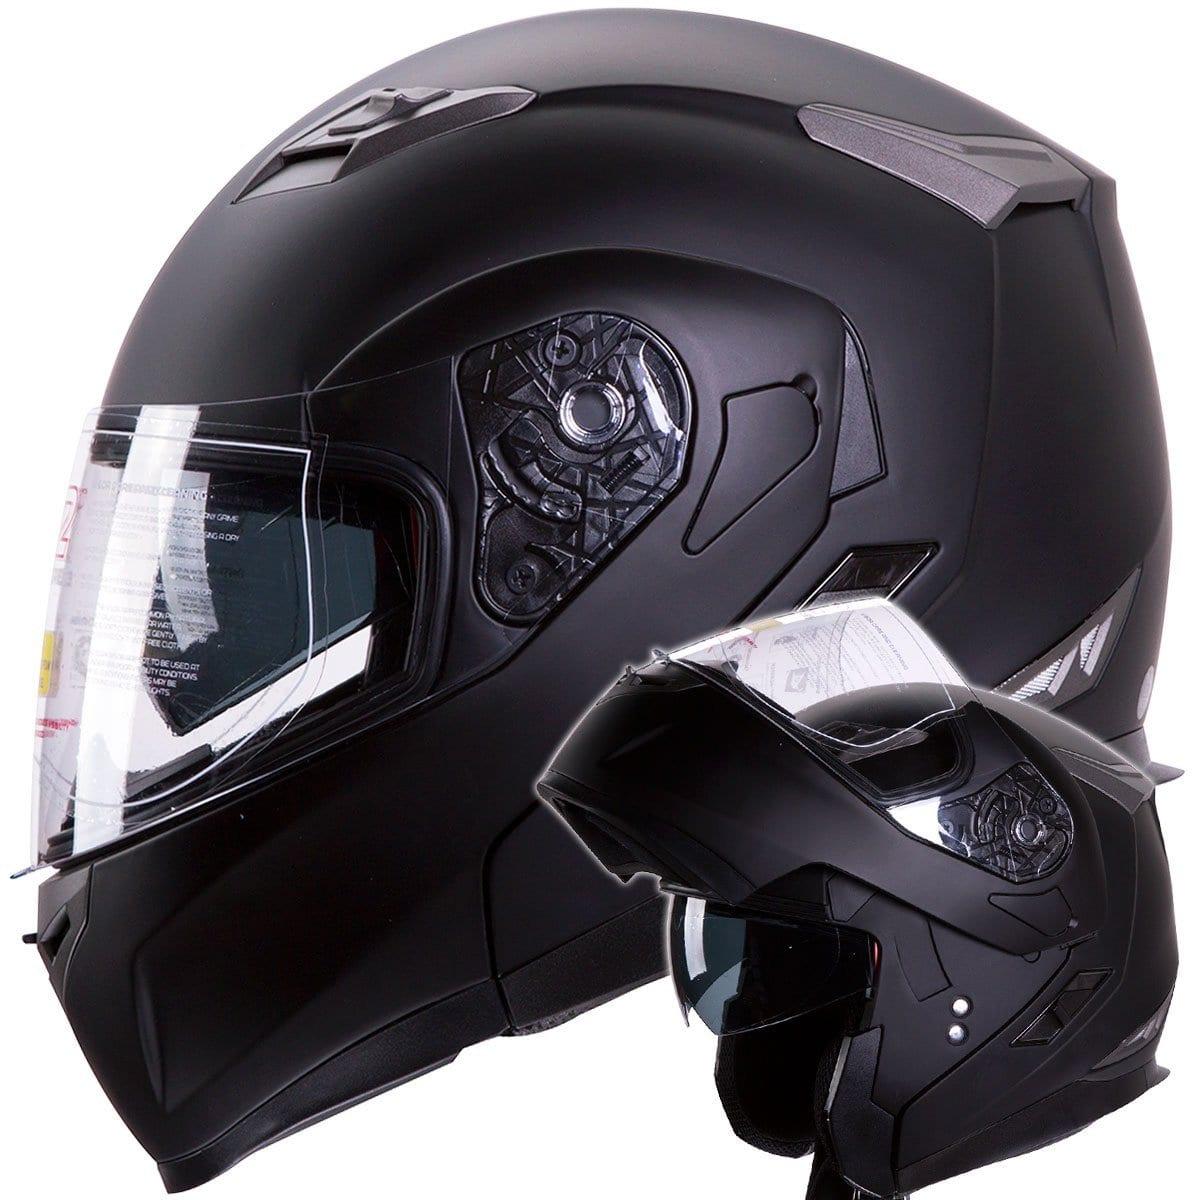 Ontario EVOS Full Face Modular Helmet Recall